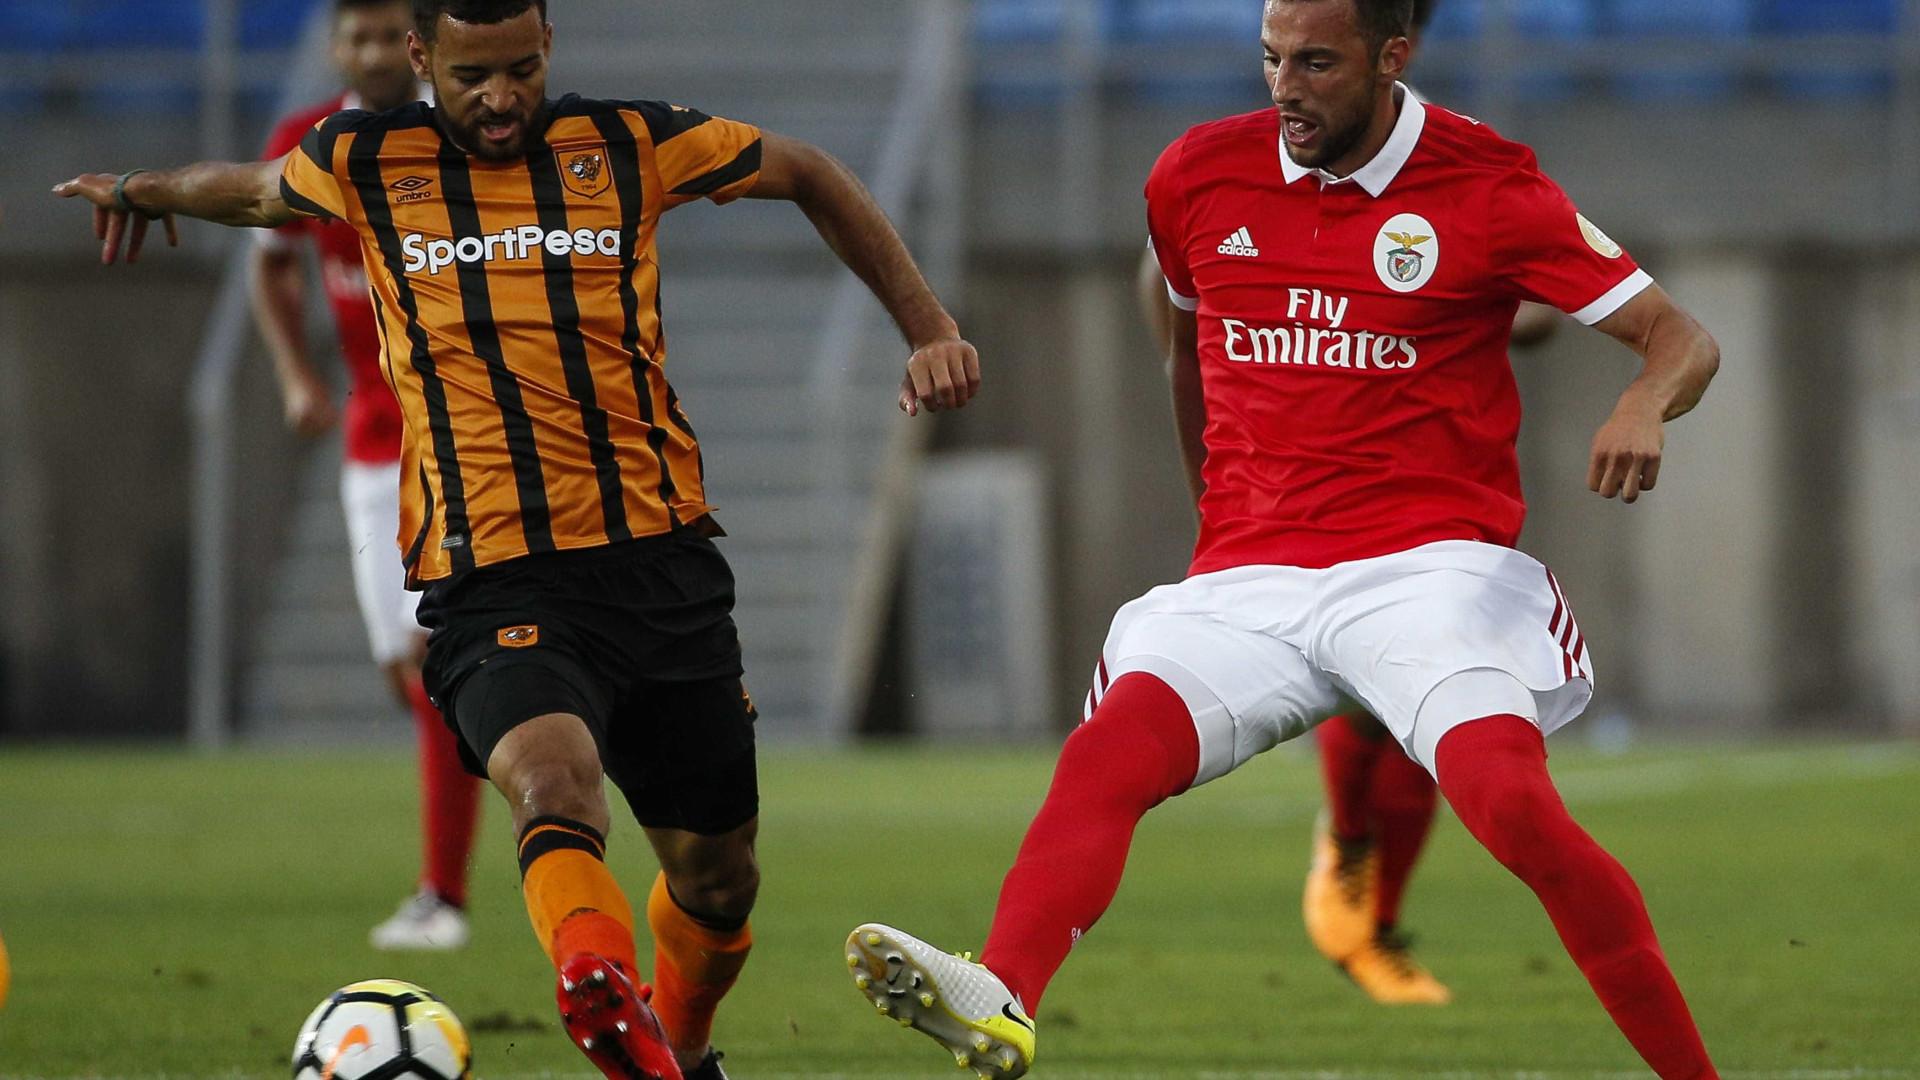 Samaris arrisca castigo até quatro jogos de suspensão